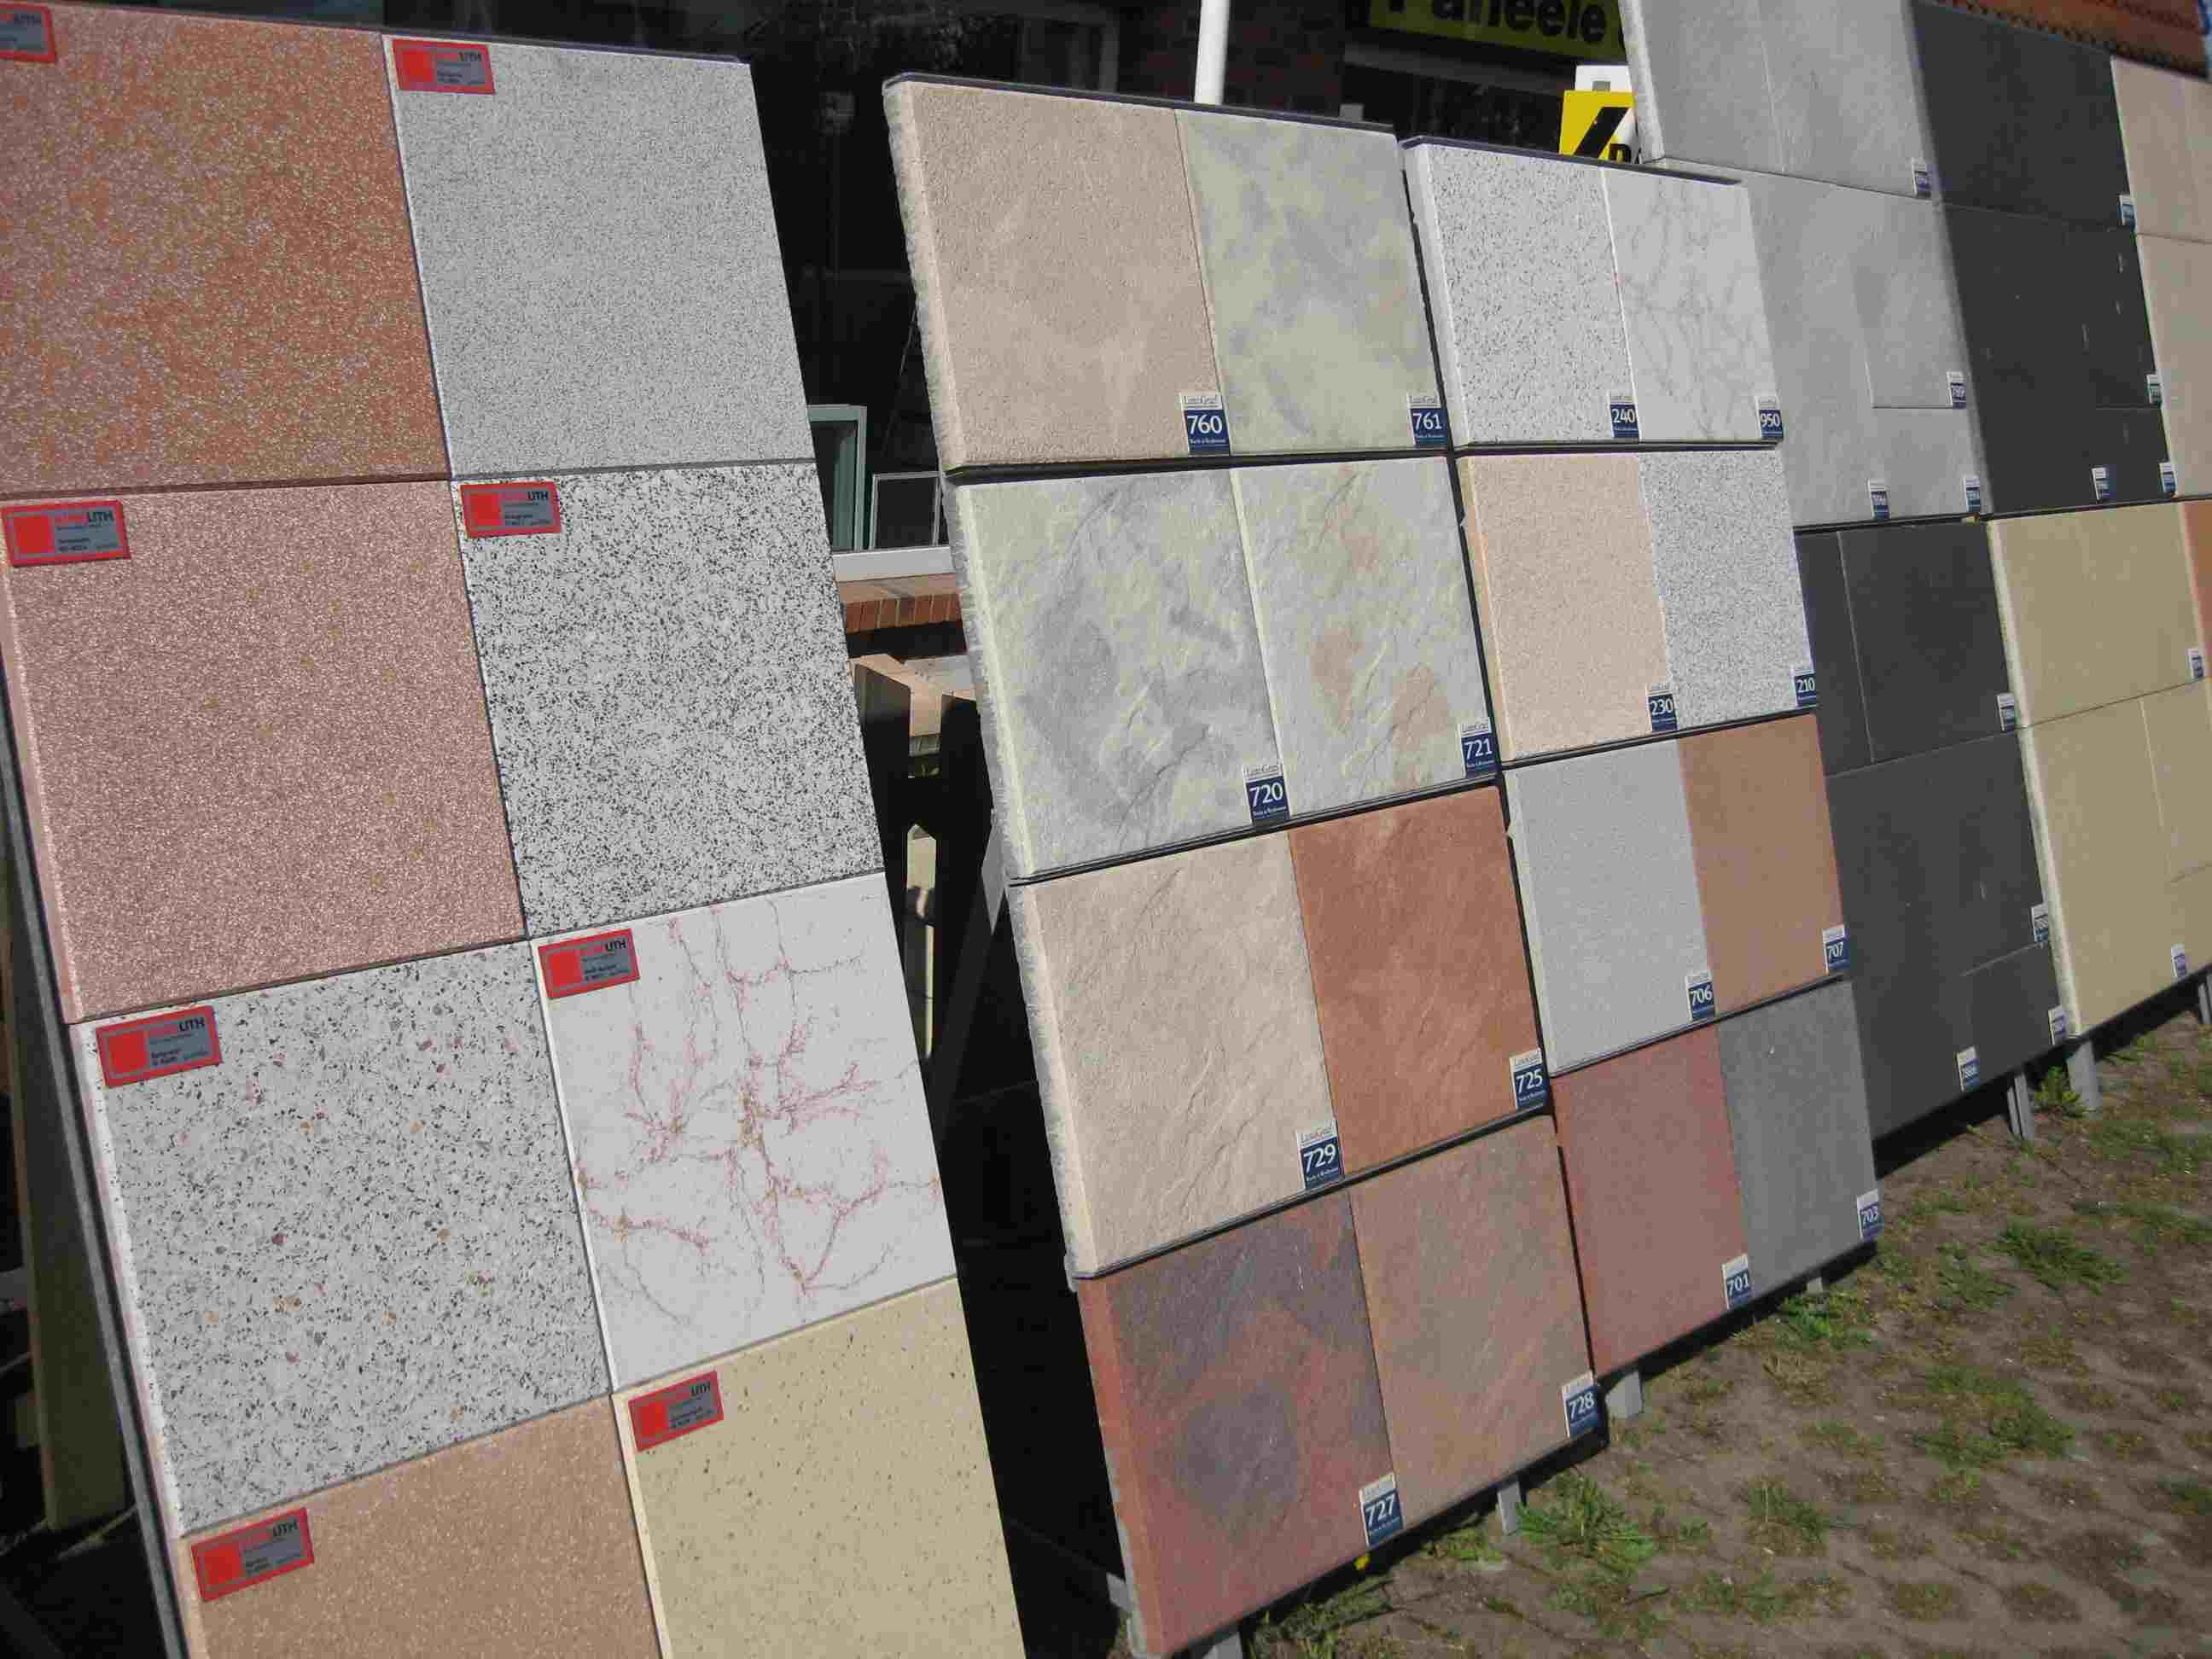 Terrassenplatten - Farbige betonplatten